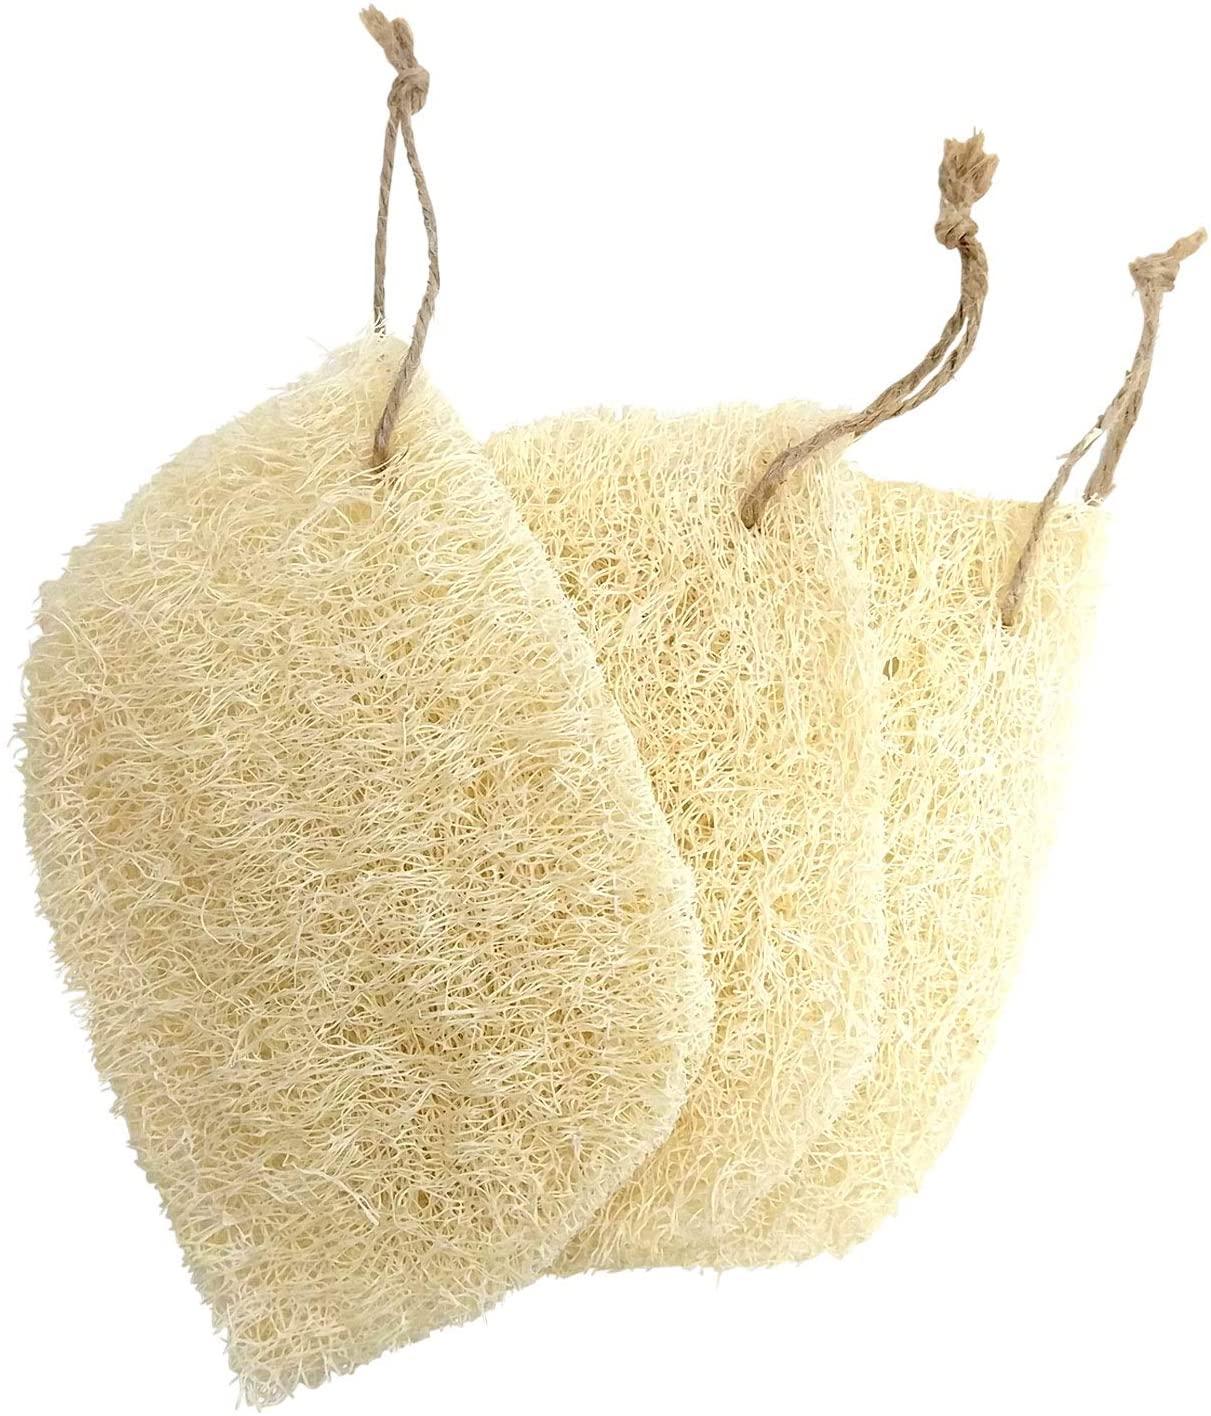 esponjas de luffa